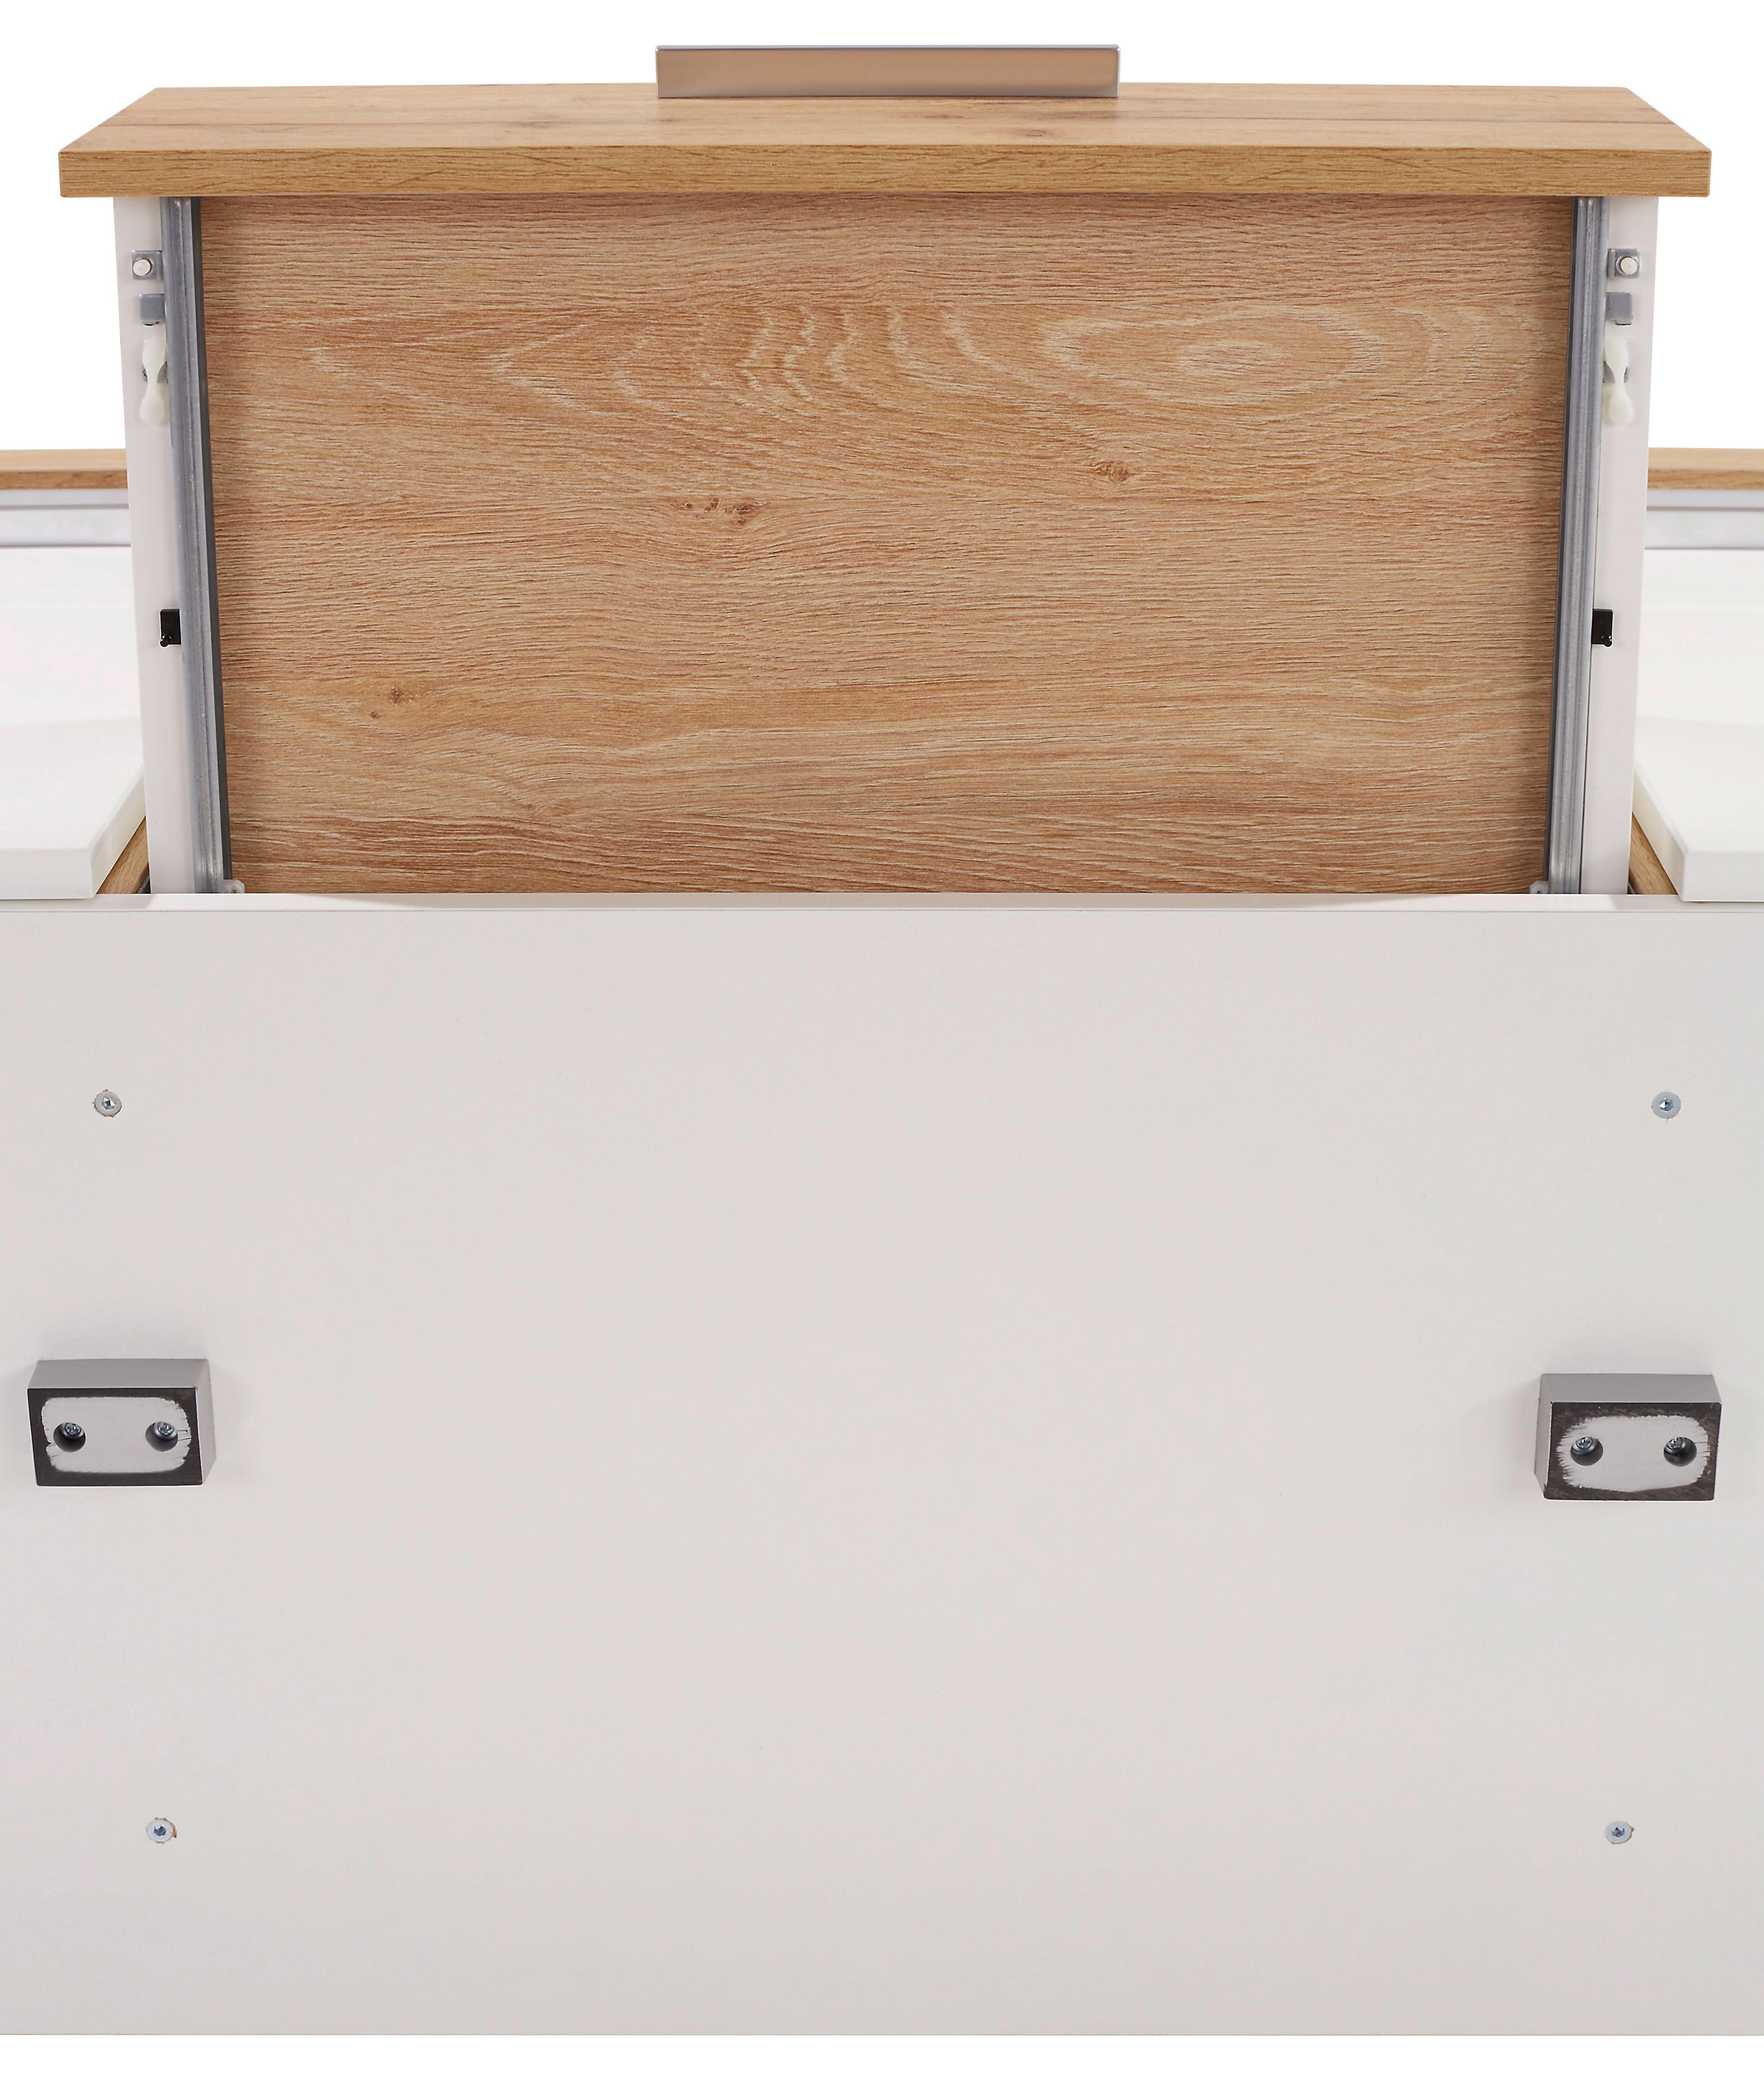 Tálalószekrény Eleganza - tölgy színű/fehér, modern, üveg/faanyagok (179,9/87.3/38cm)